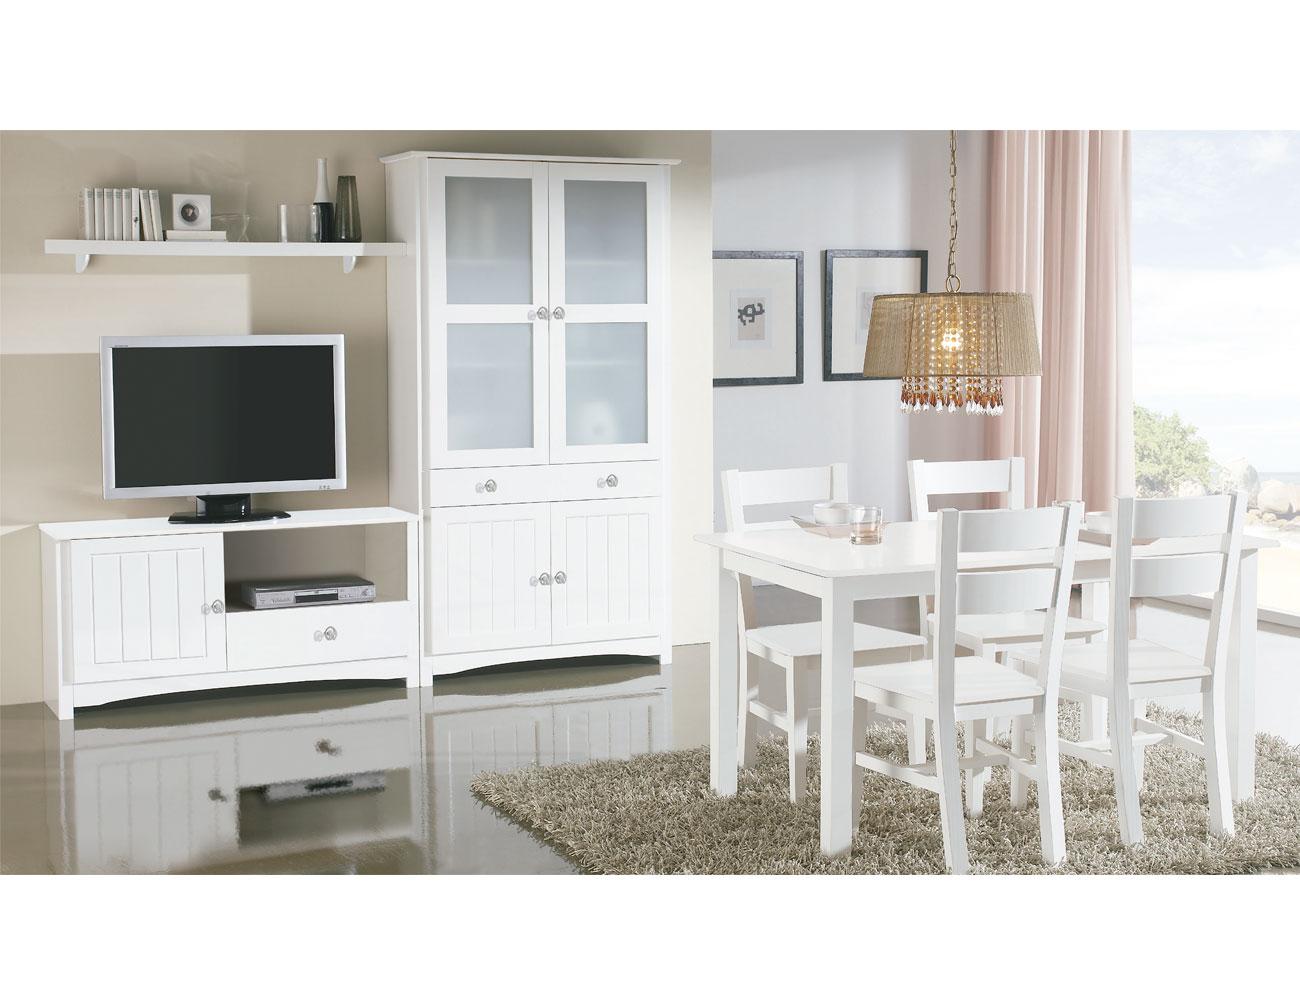 Mueble aparador 3 puertas 3 cajones en madera color - Muebles salon comedor ...